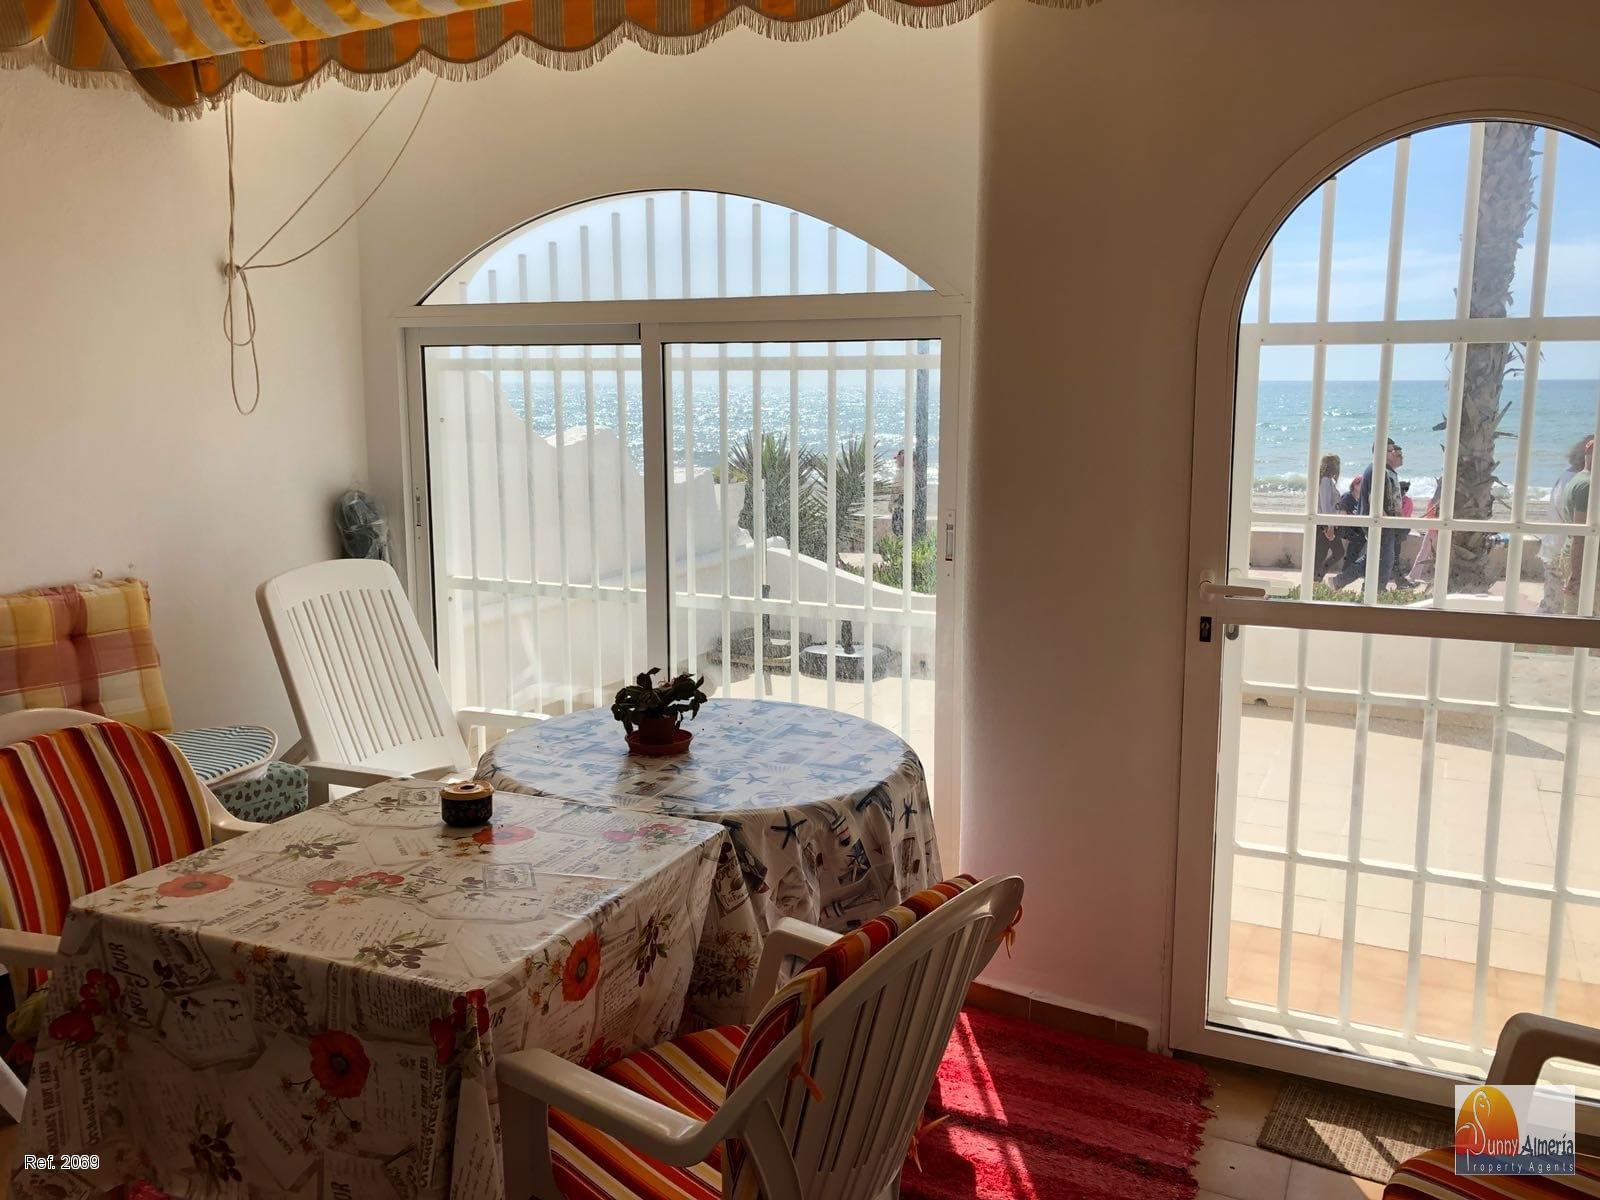 Bungalow de vacaciones en Avenida las Gaviotas   19 (Roquetas de Mar), 850 €/mes